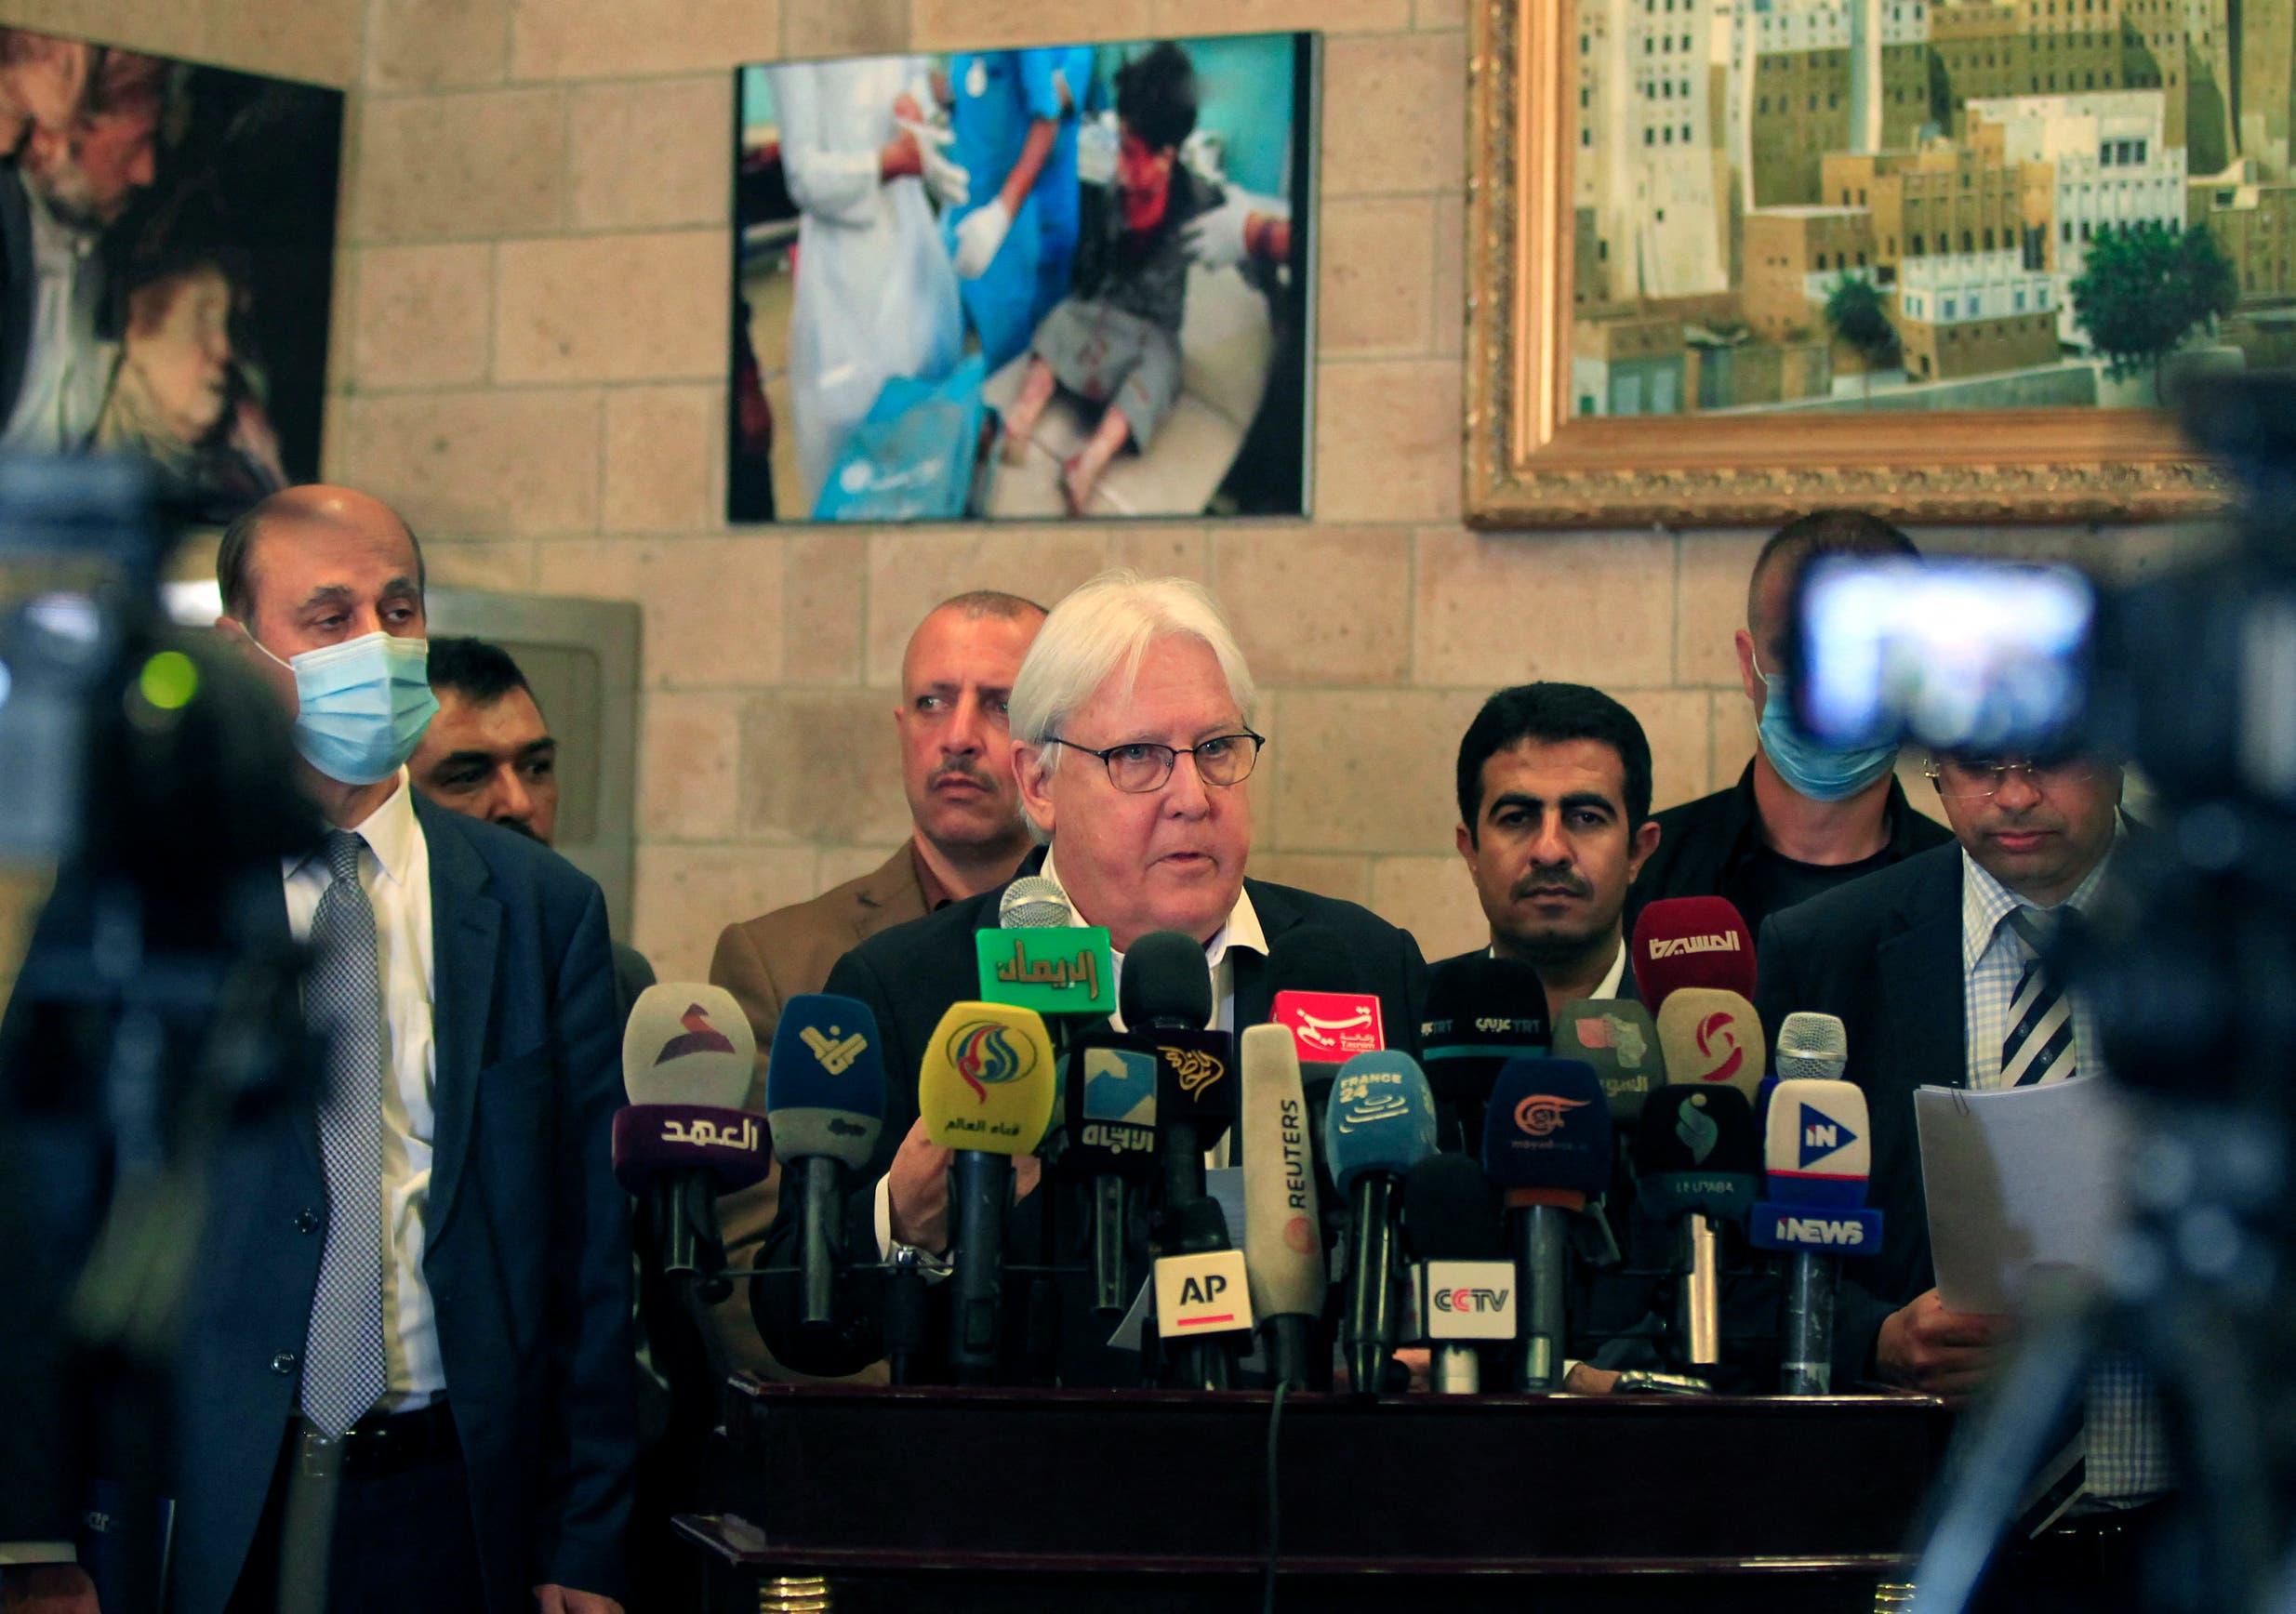 المبعوث الأممي السابق مارتن غريفثش في مطار صنعاء في مايو الماضي (أرشيفية)